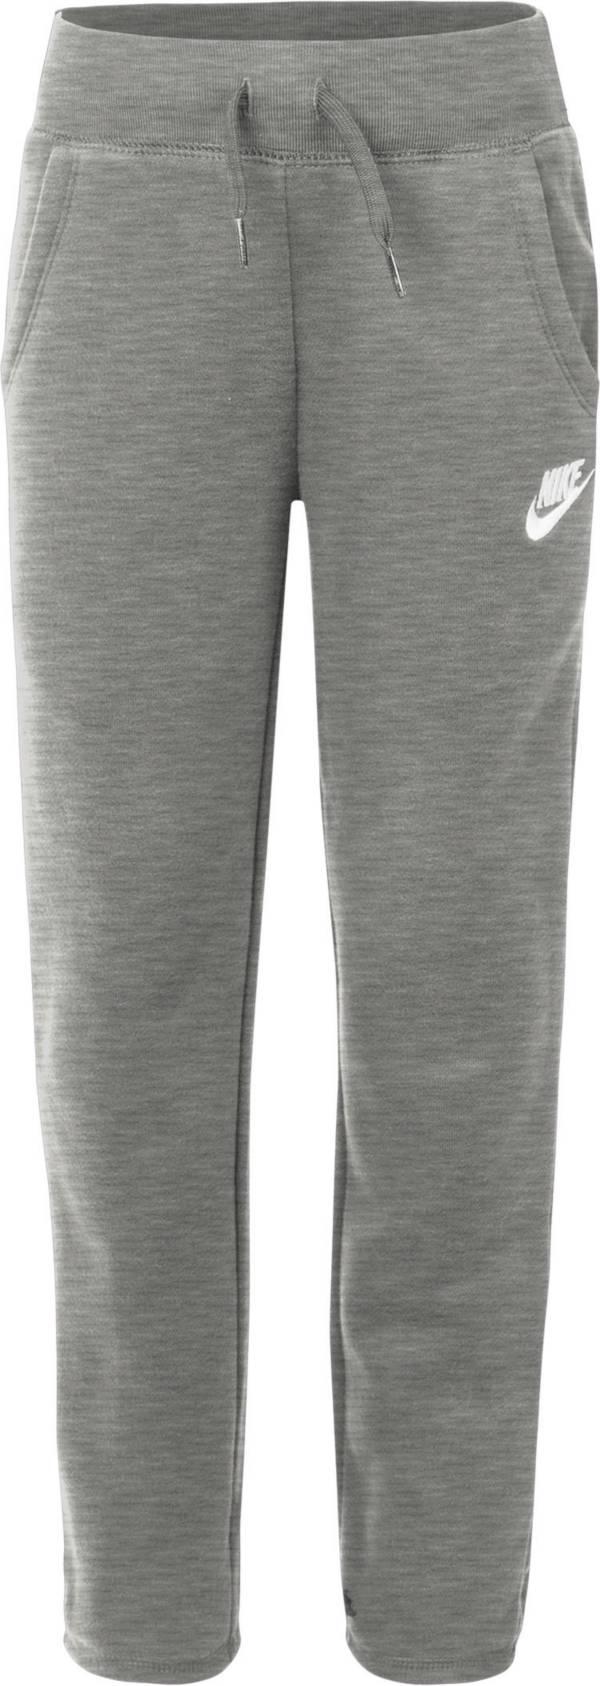 Nike Little Girls' Fleece Pants product image